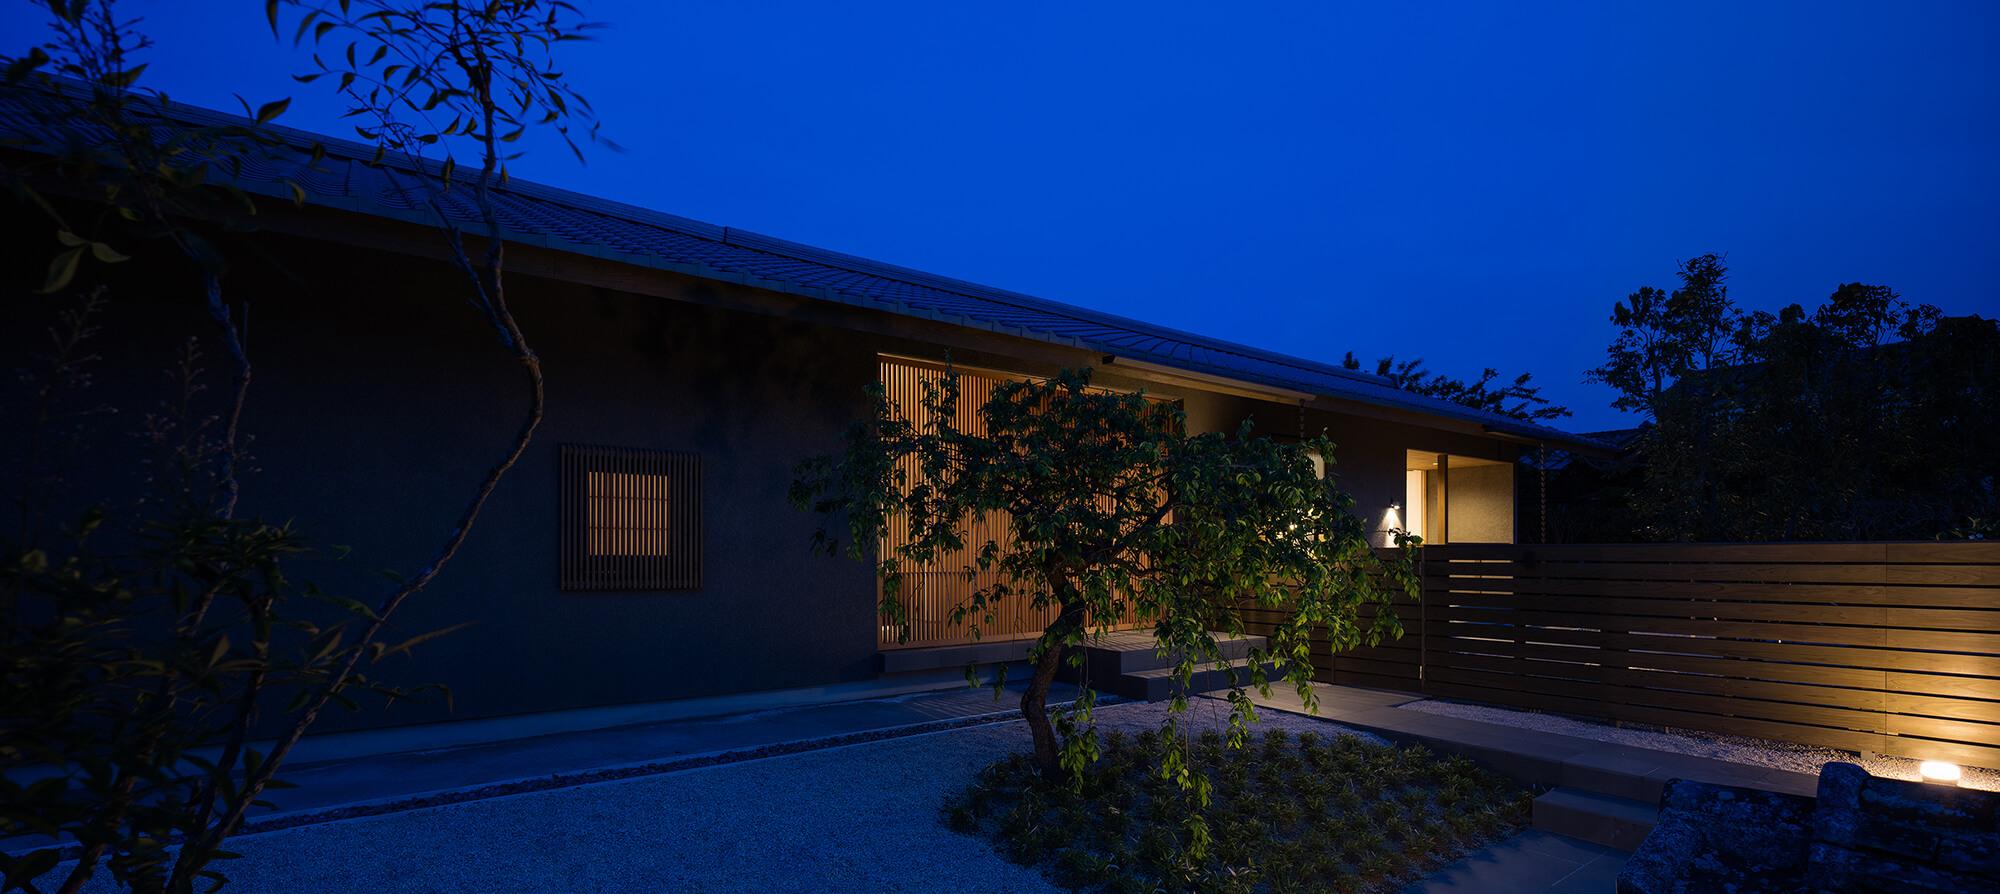 『杵築の家』建築写真・竣工写真・インテリア写真10